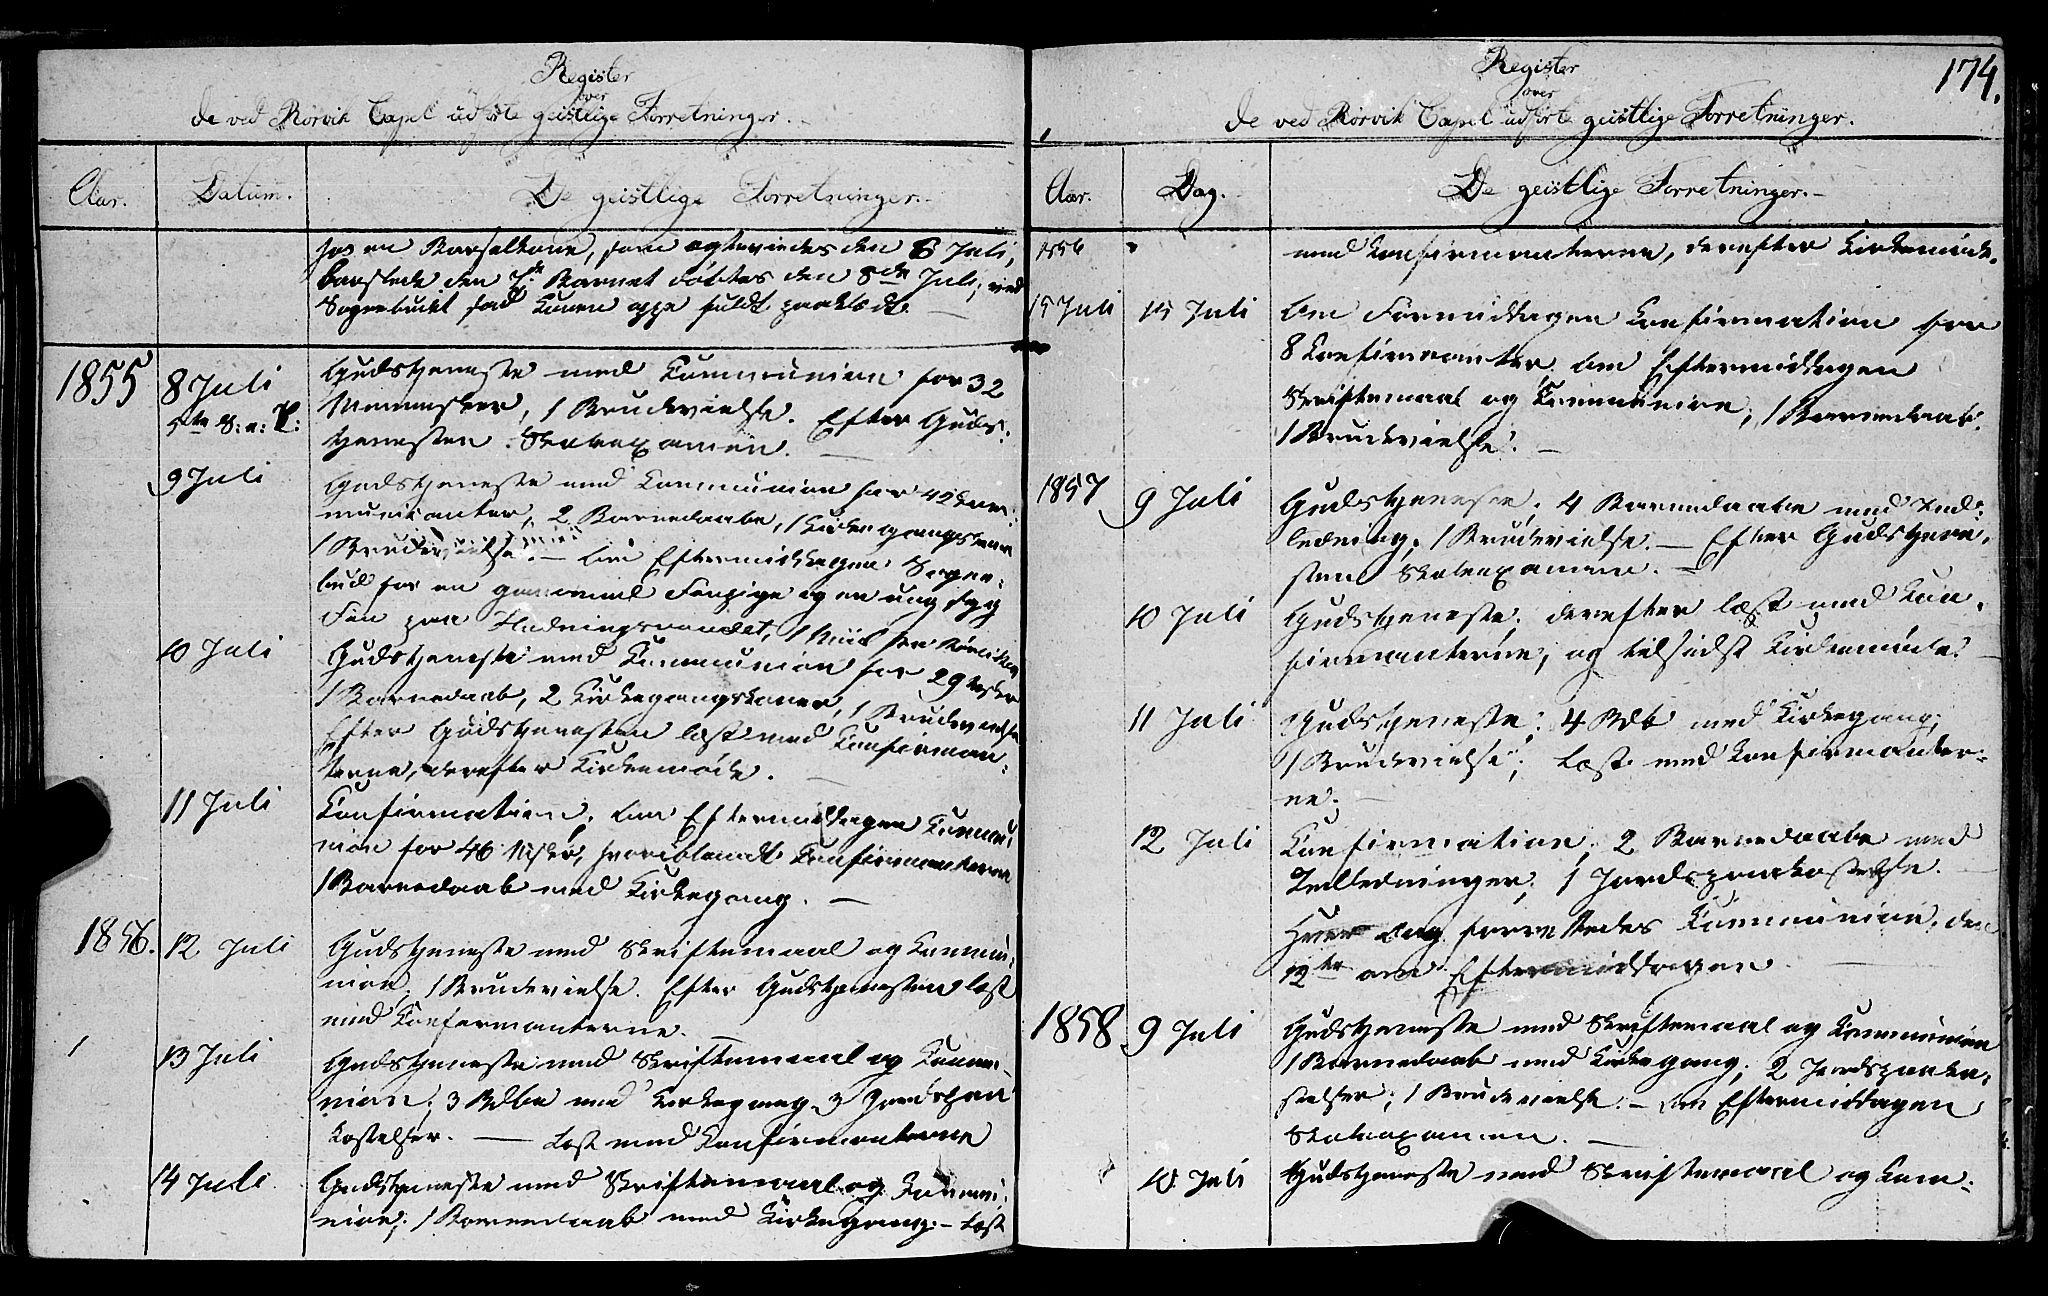 SAT, Ministerialprotokoller, klokkerbøker og fødselsregistre - Nord-Trøndelag, 762/L0538: Ministerialbok nr. 762A02 /1, 1833-1879, s. 174